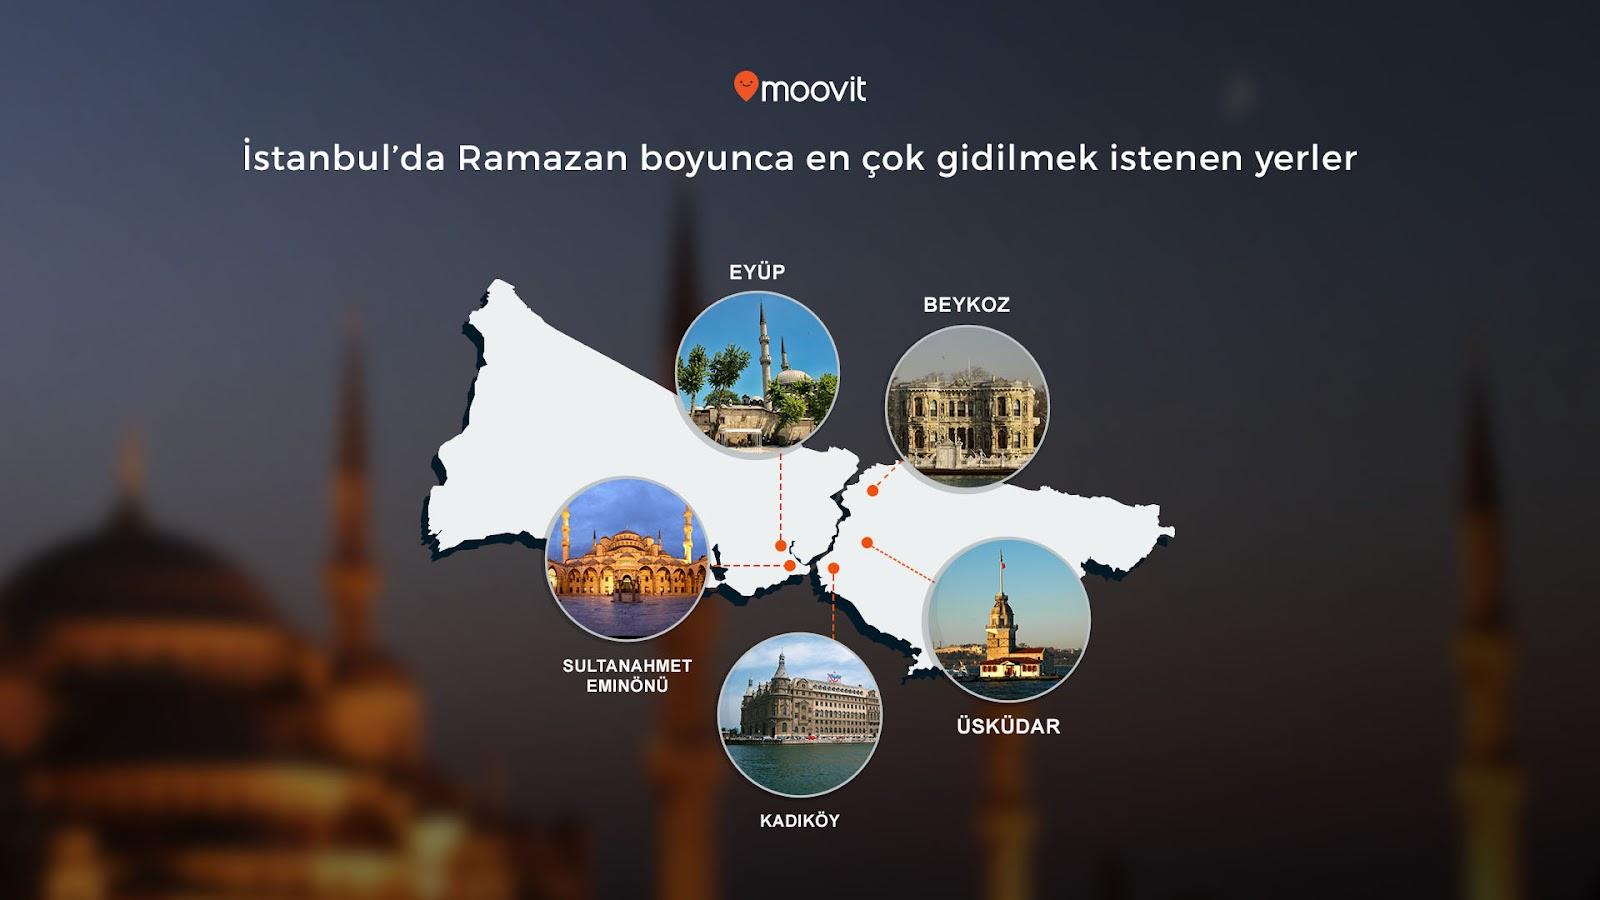 Ramazan_survey_3.jpg